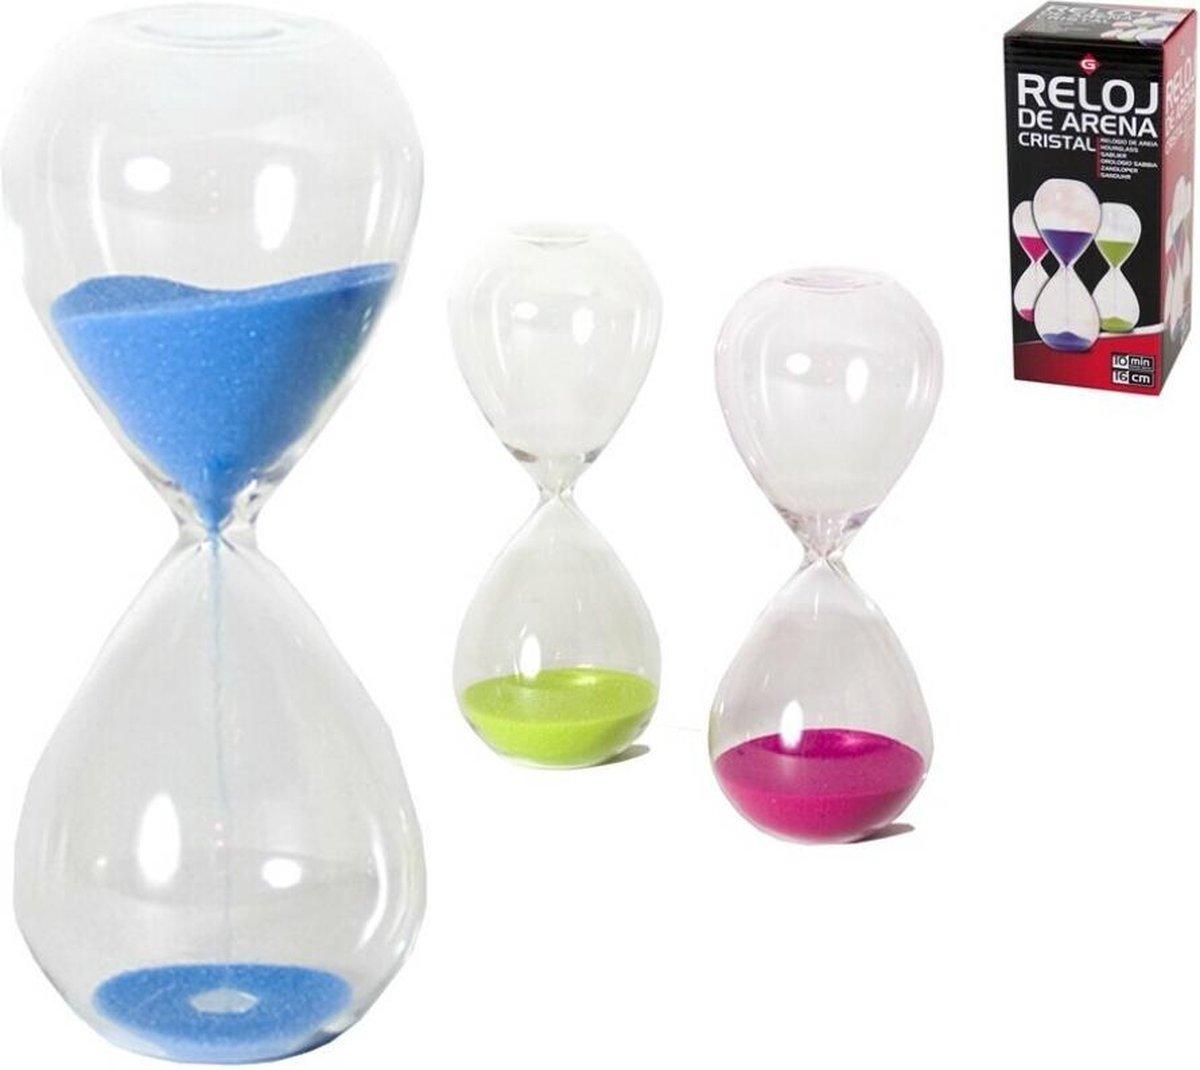 Zandloper 10 minuten / groen / blauw / roze / 16 cm / van glas